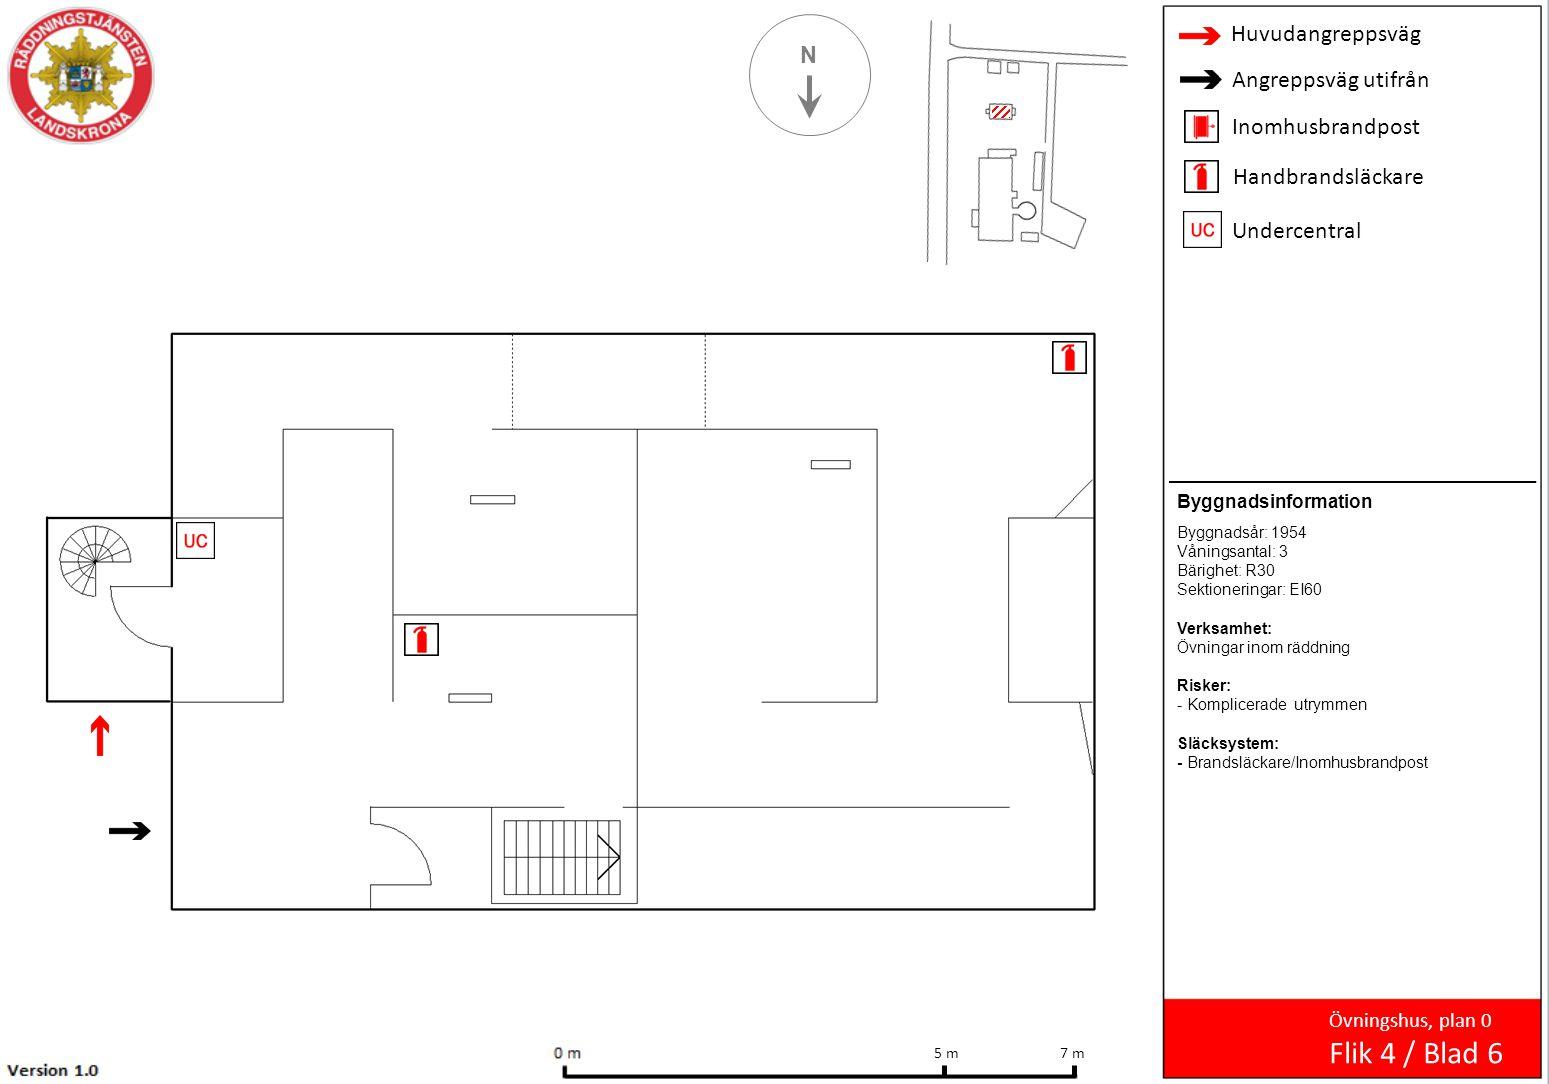 Huvudangreppsväg Angreppsväg utifrån Inomhusbrandpost Handbrandsläckare Undercentral N Övningshus, plan 0 Flik 4 / Blad 6 7 m 5 m Byggnadsinformation